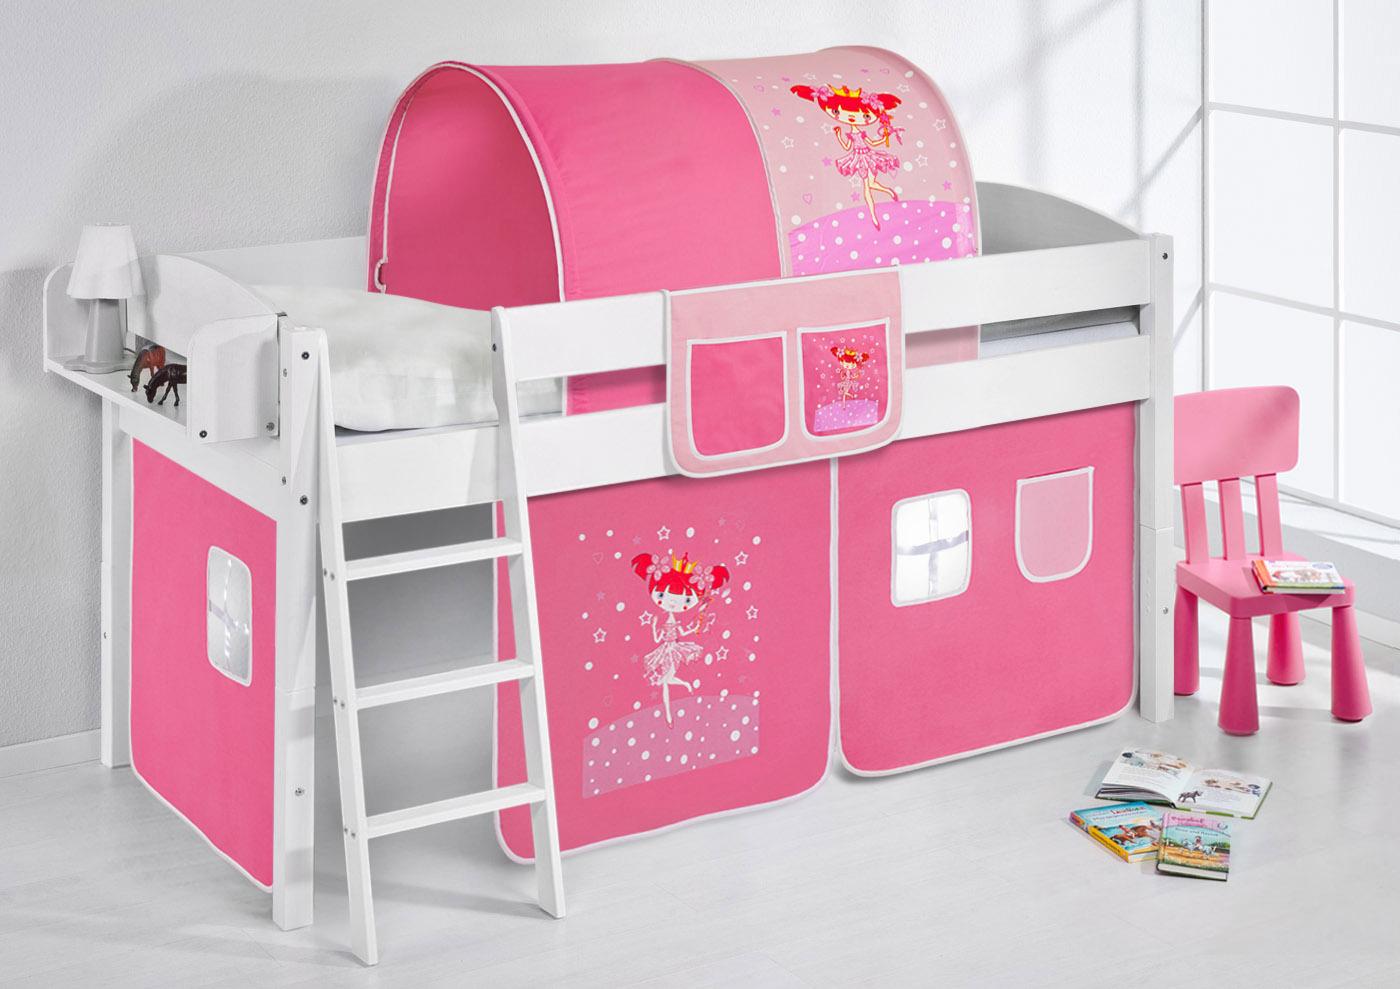 Einzelbett kinder  Spielbett Hochbett Kinderbett Kinder Bett umbaubar zum Einzelbett ...